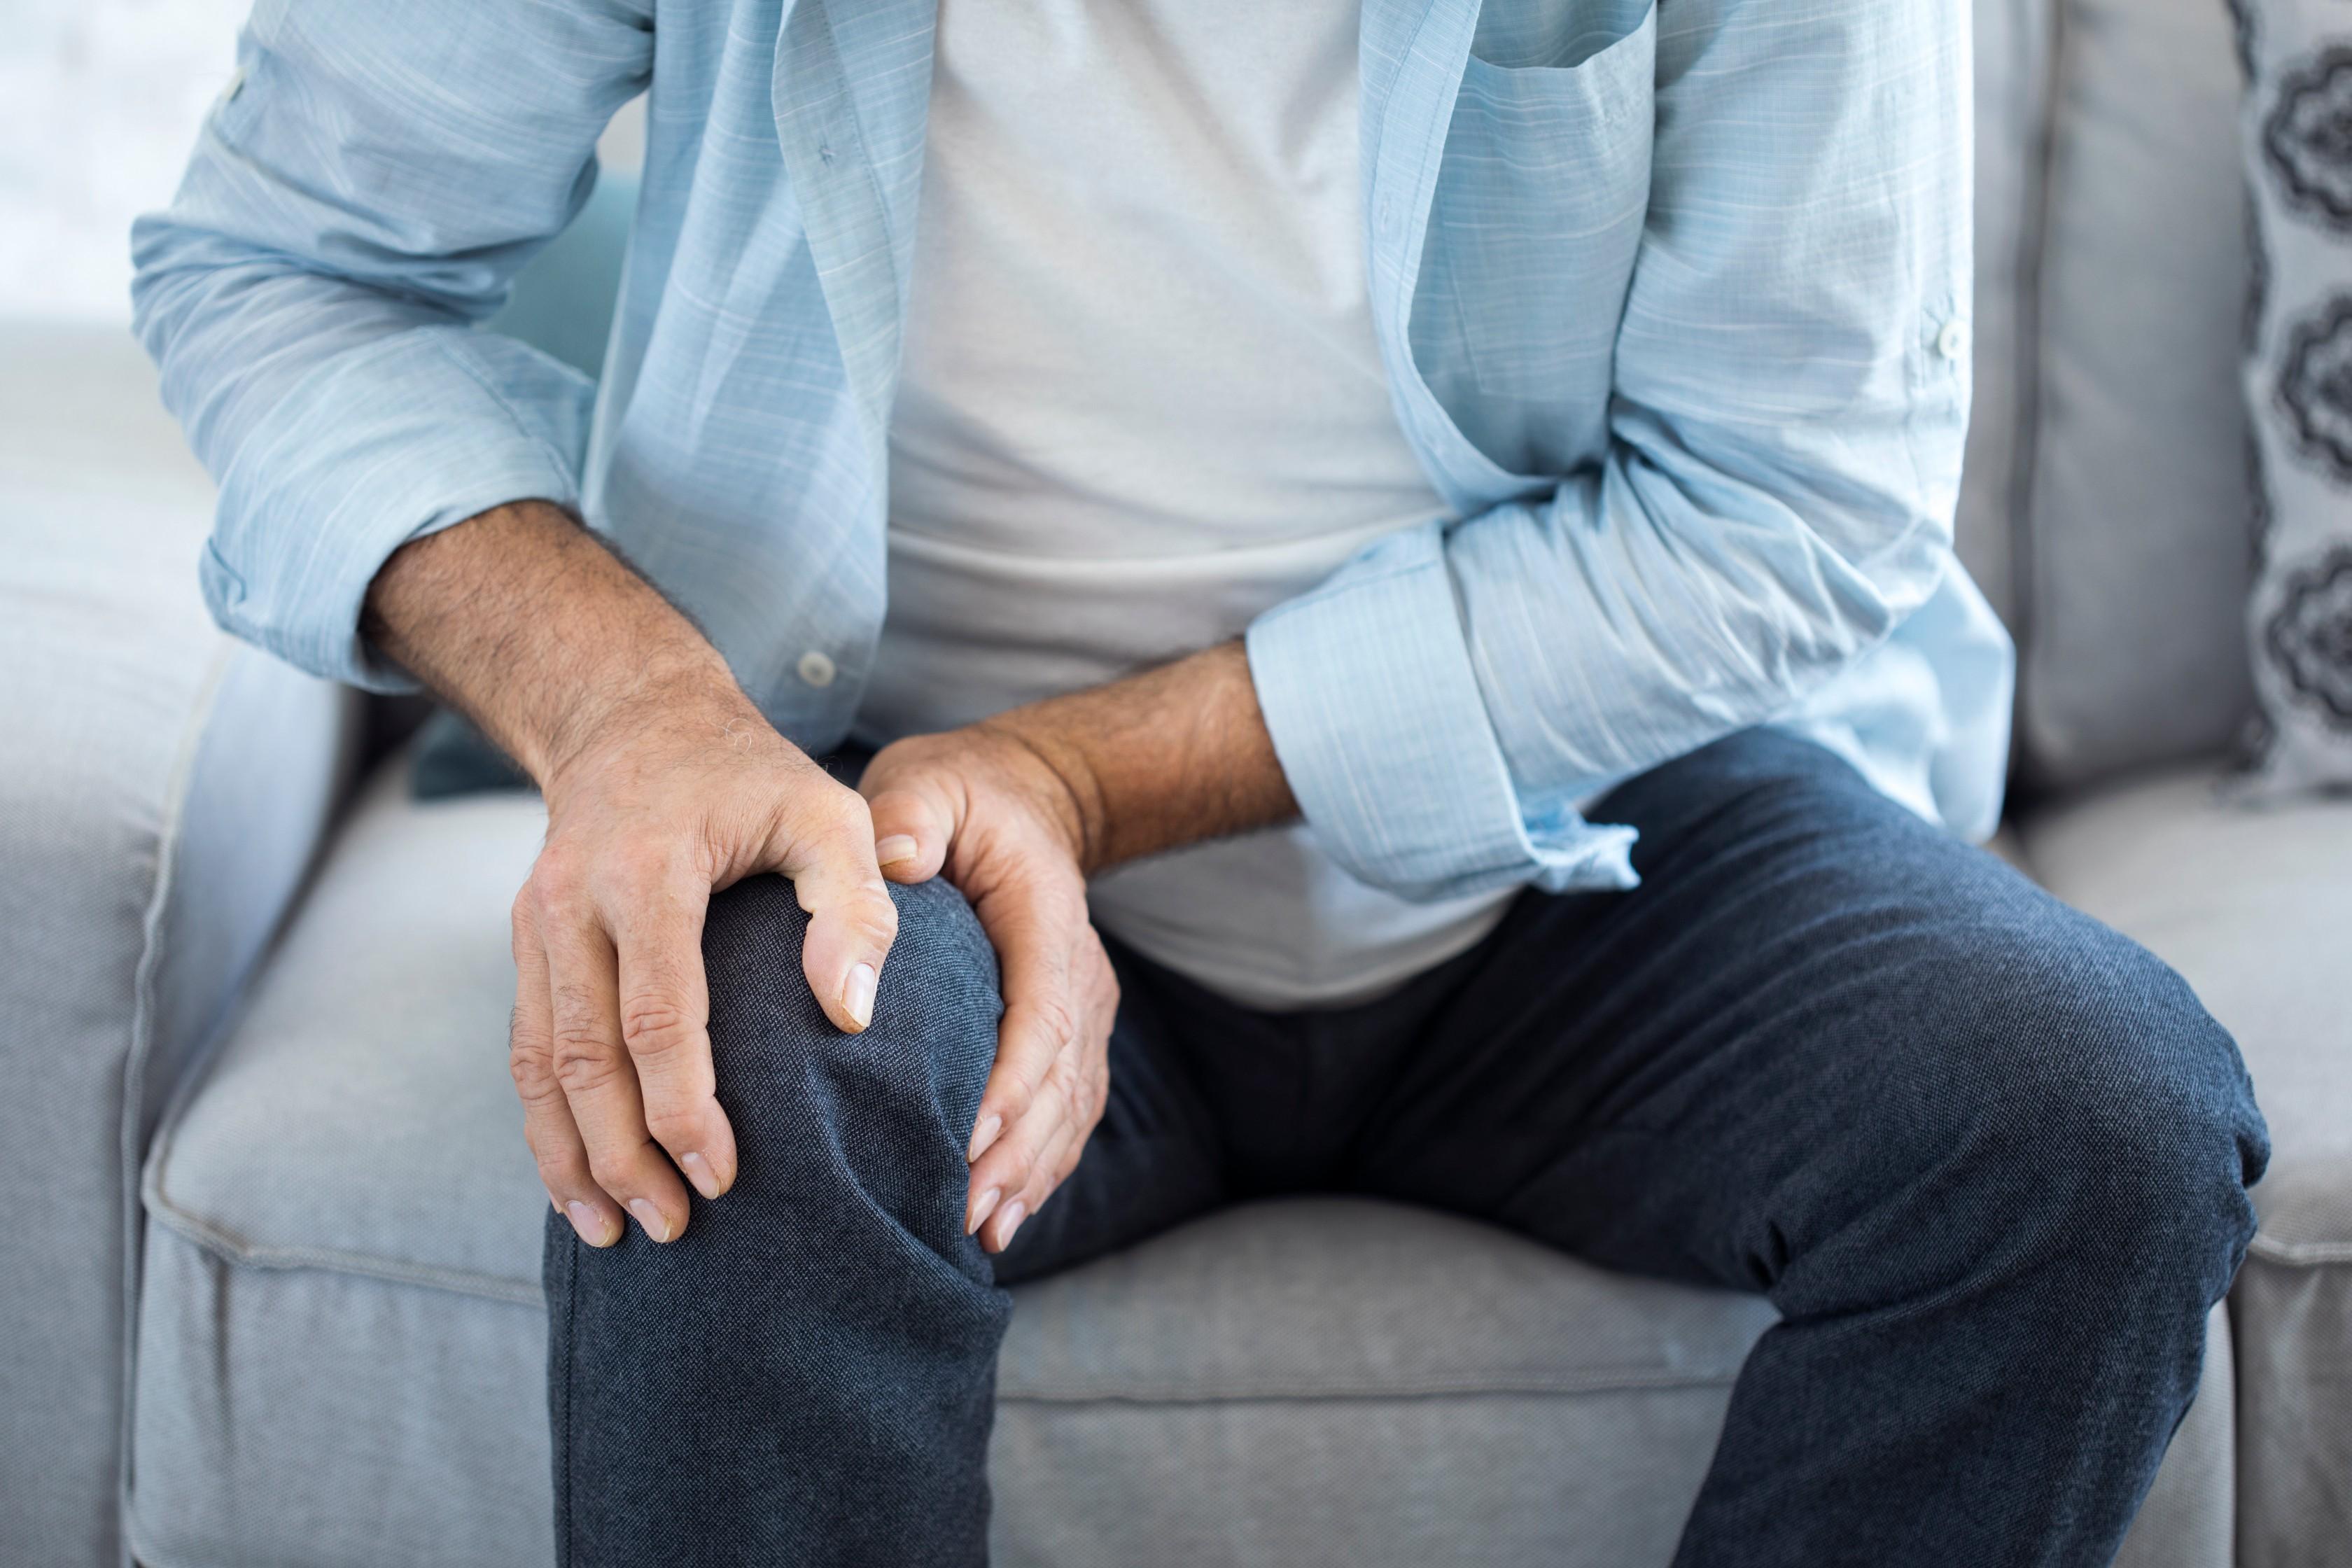 fertőzések és ízületek kezelése csípő keresztcsonti izület gyulladás